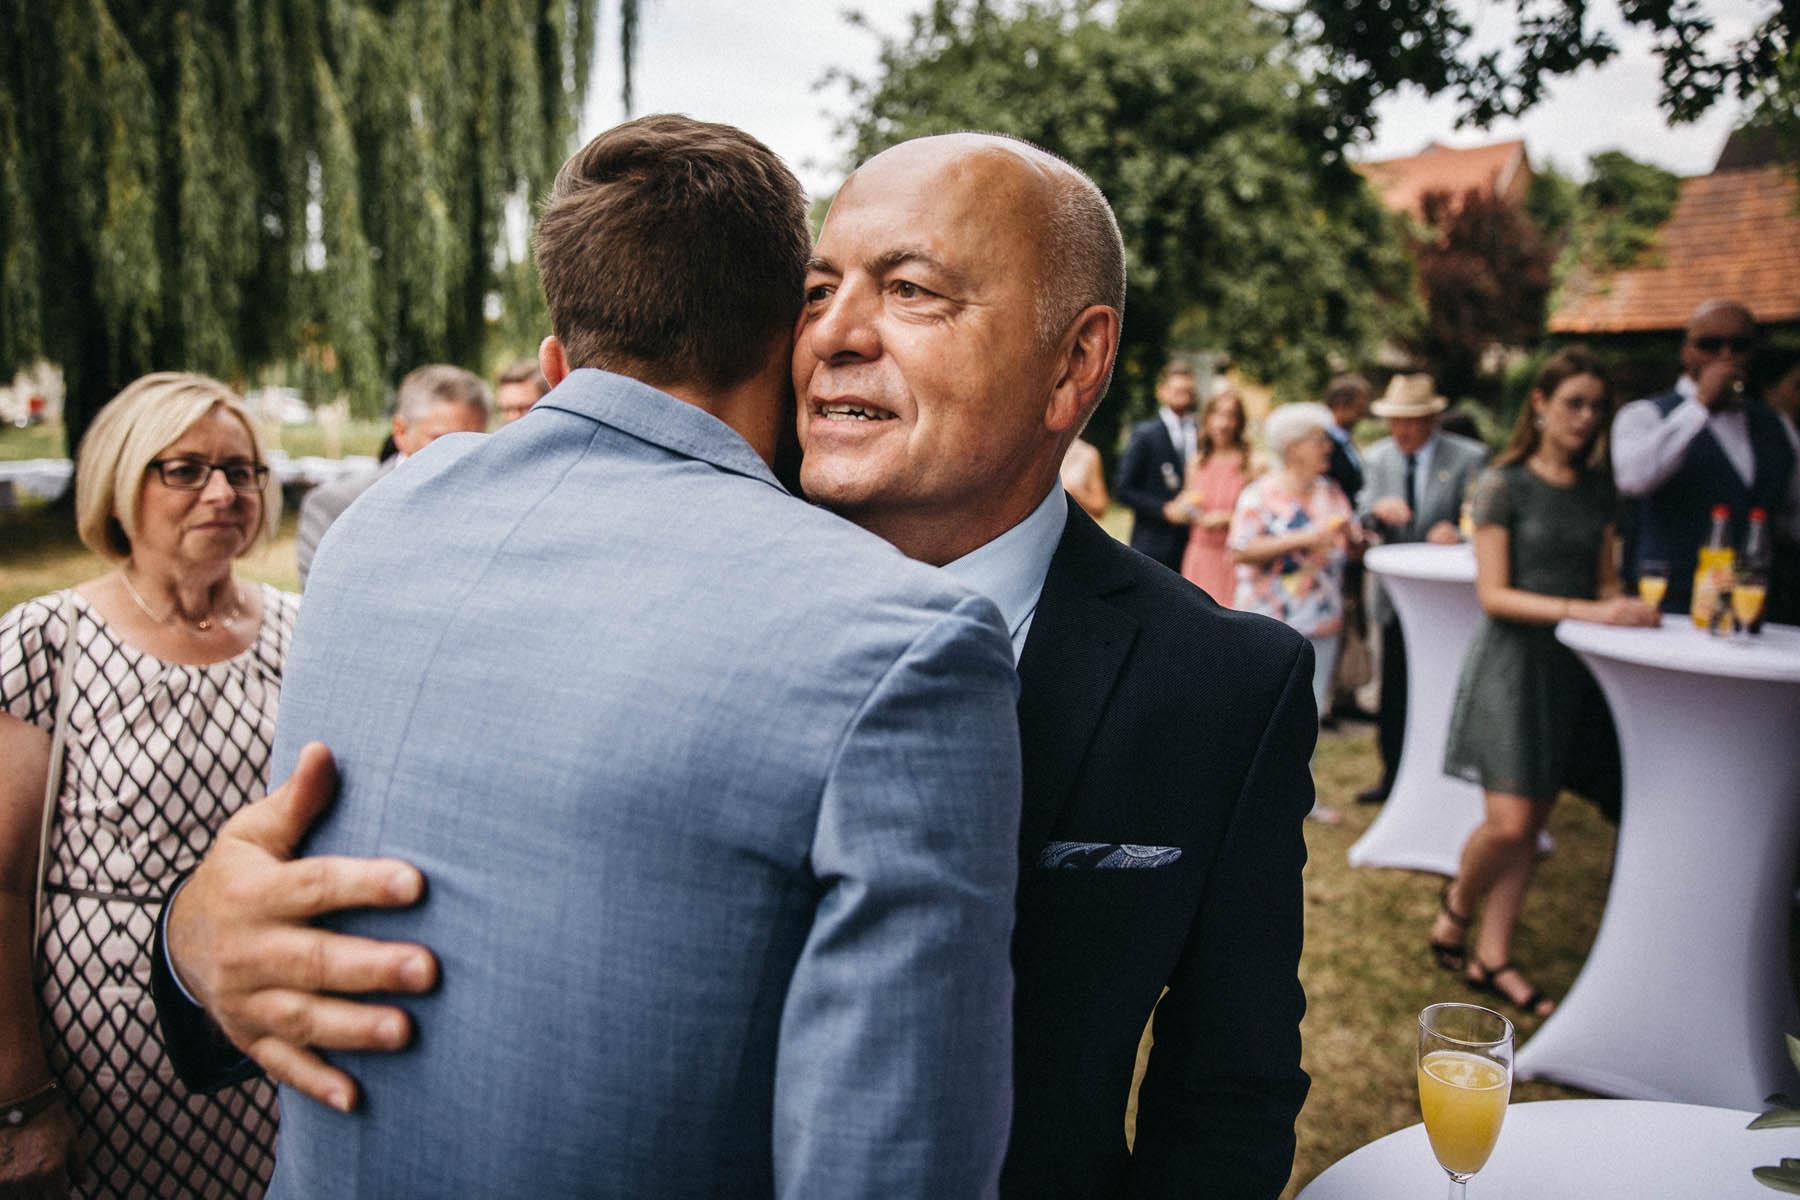 Hochzeitsgäste gratulieren dem Brautpaar im Garten des Wasserschlosses Kleinbardorf | Raissa + Simon Fotografie